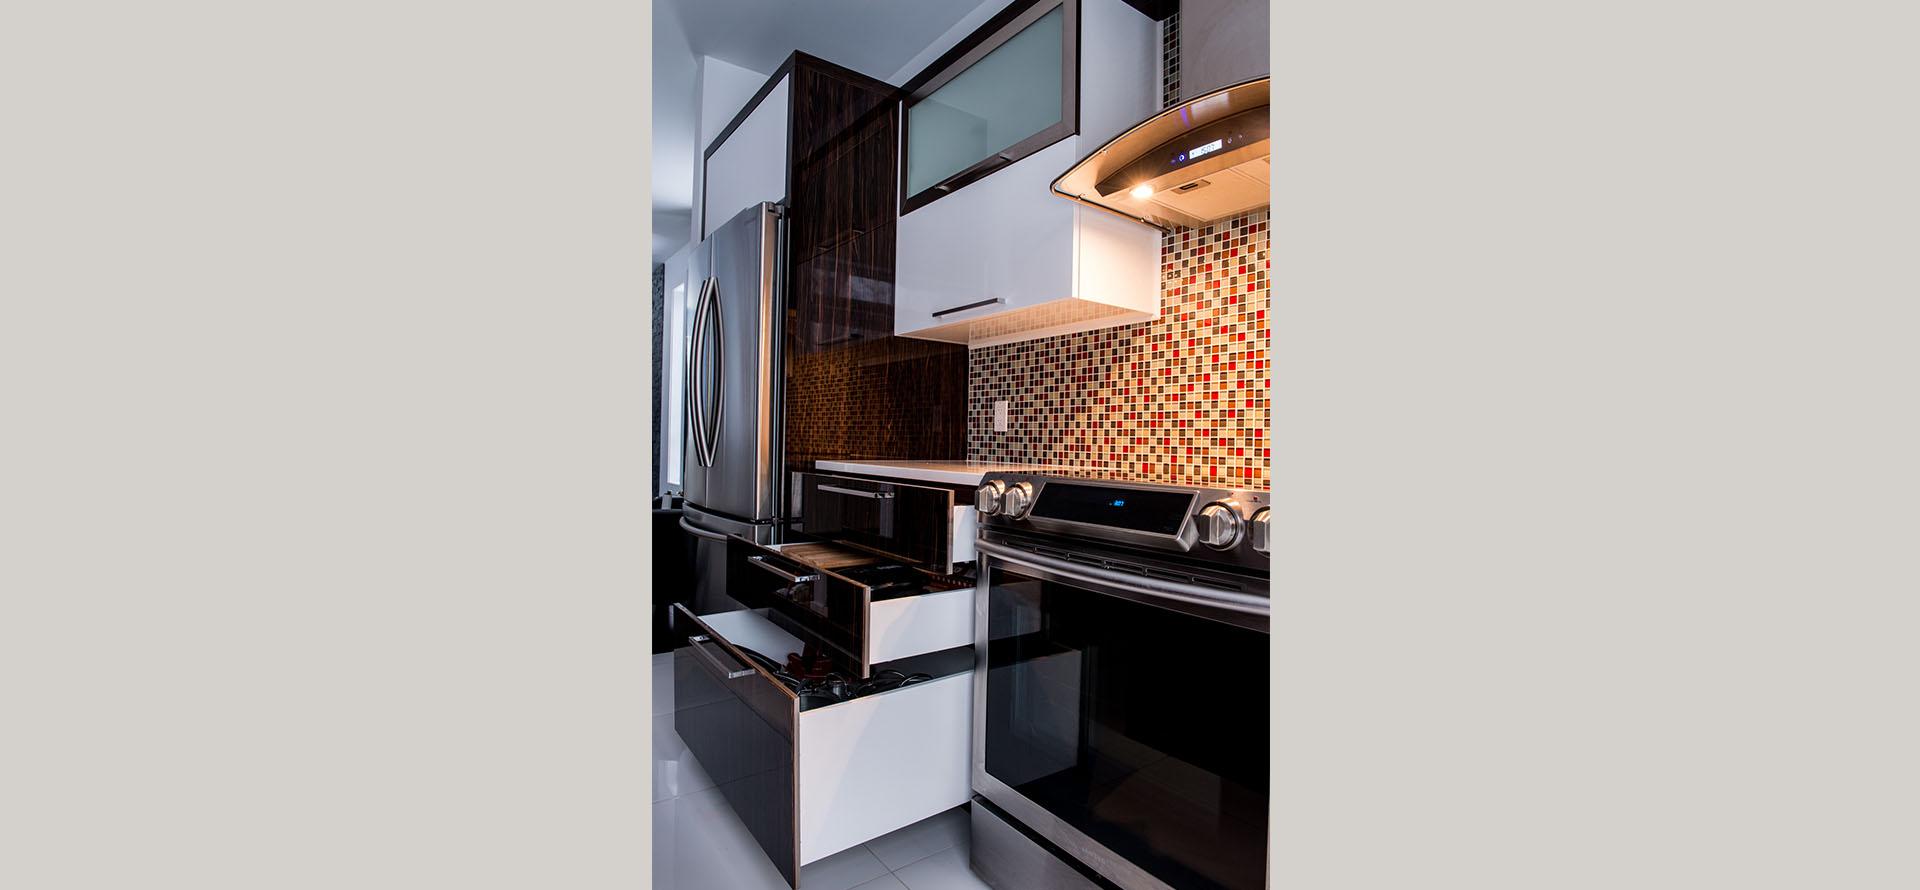 cuisine moderne sherbrooke avec des id es int ressantes pour la conception de la. Black Bedroom Furniture Sets. Home Design Ideas